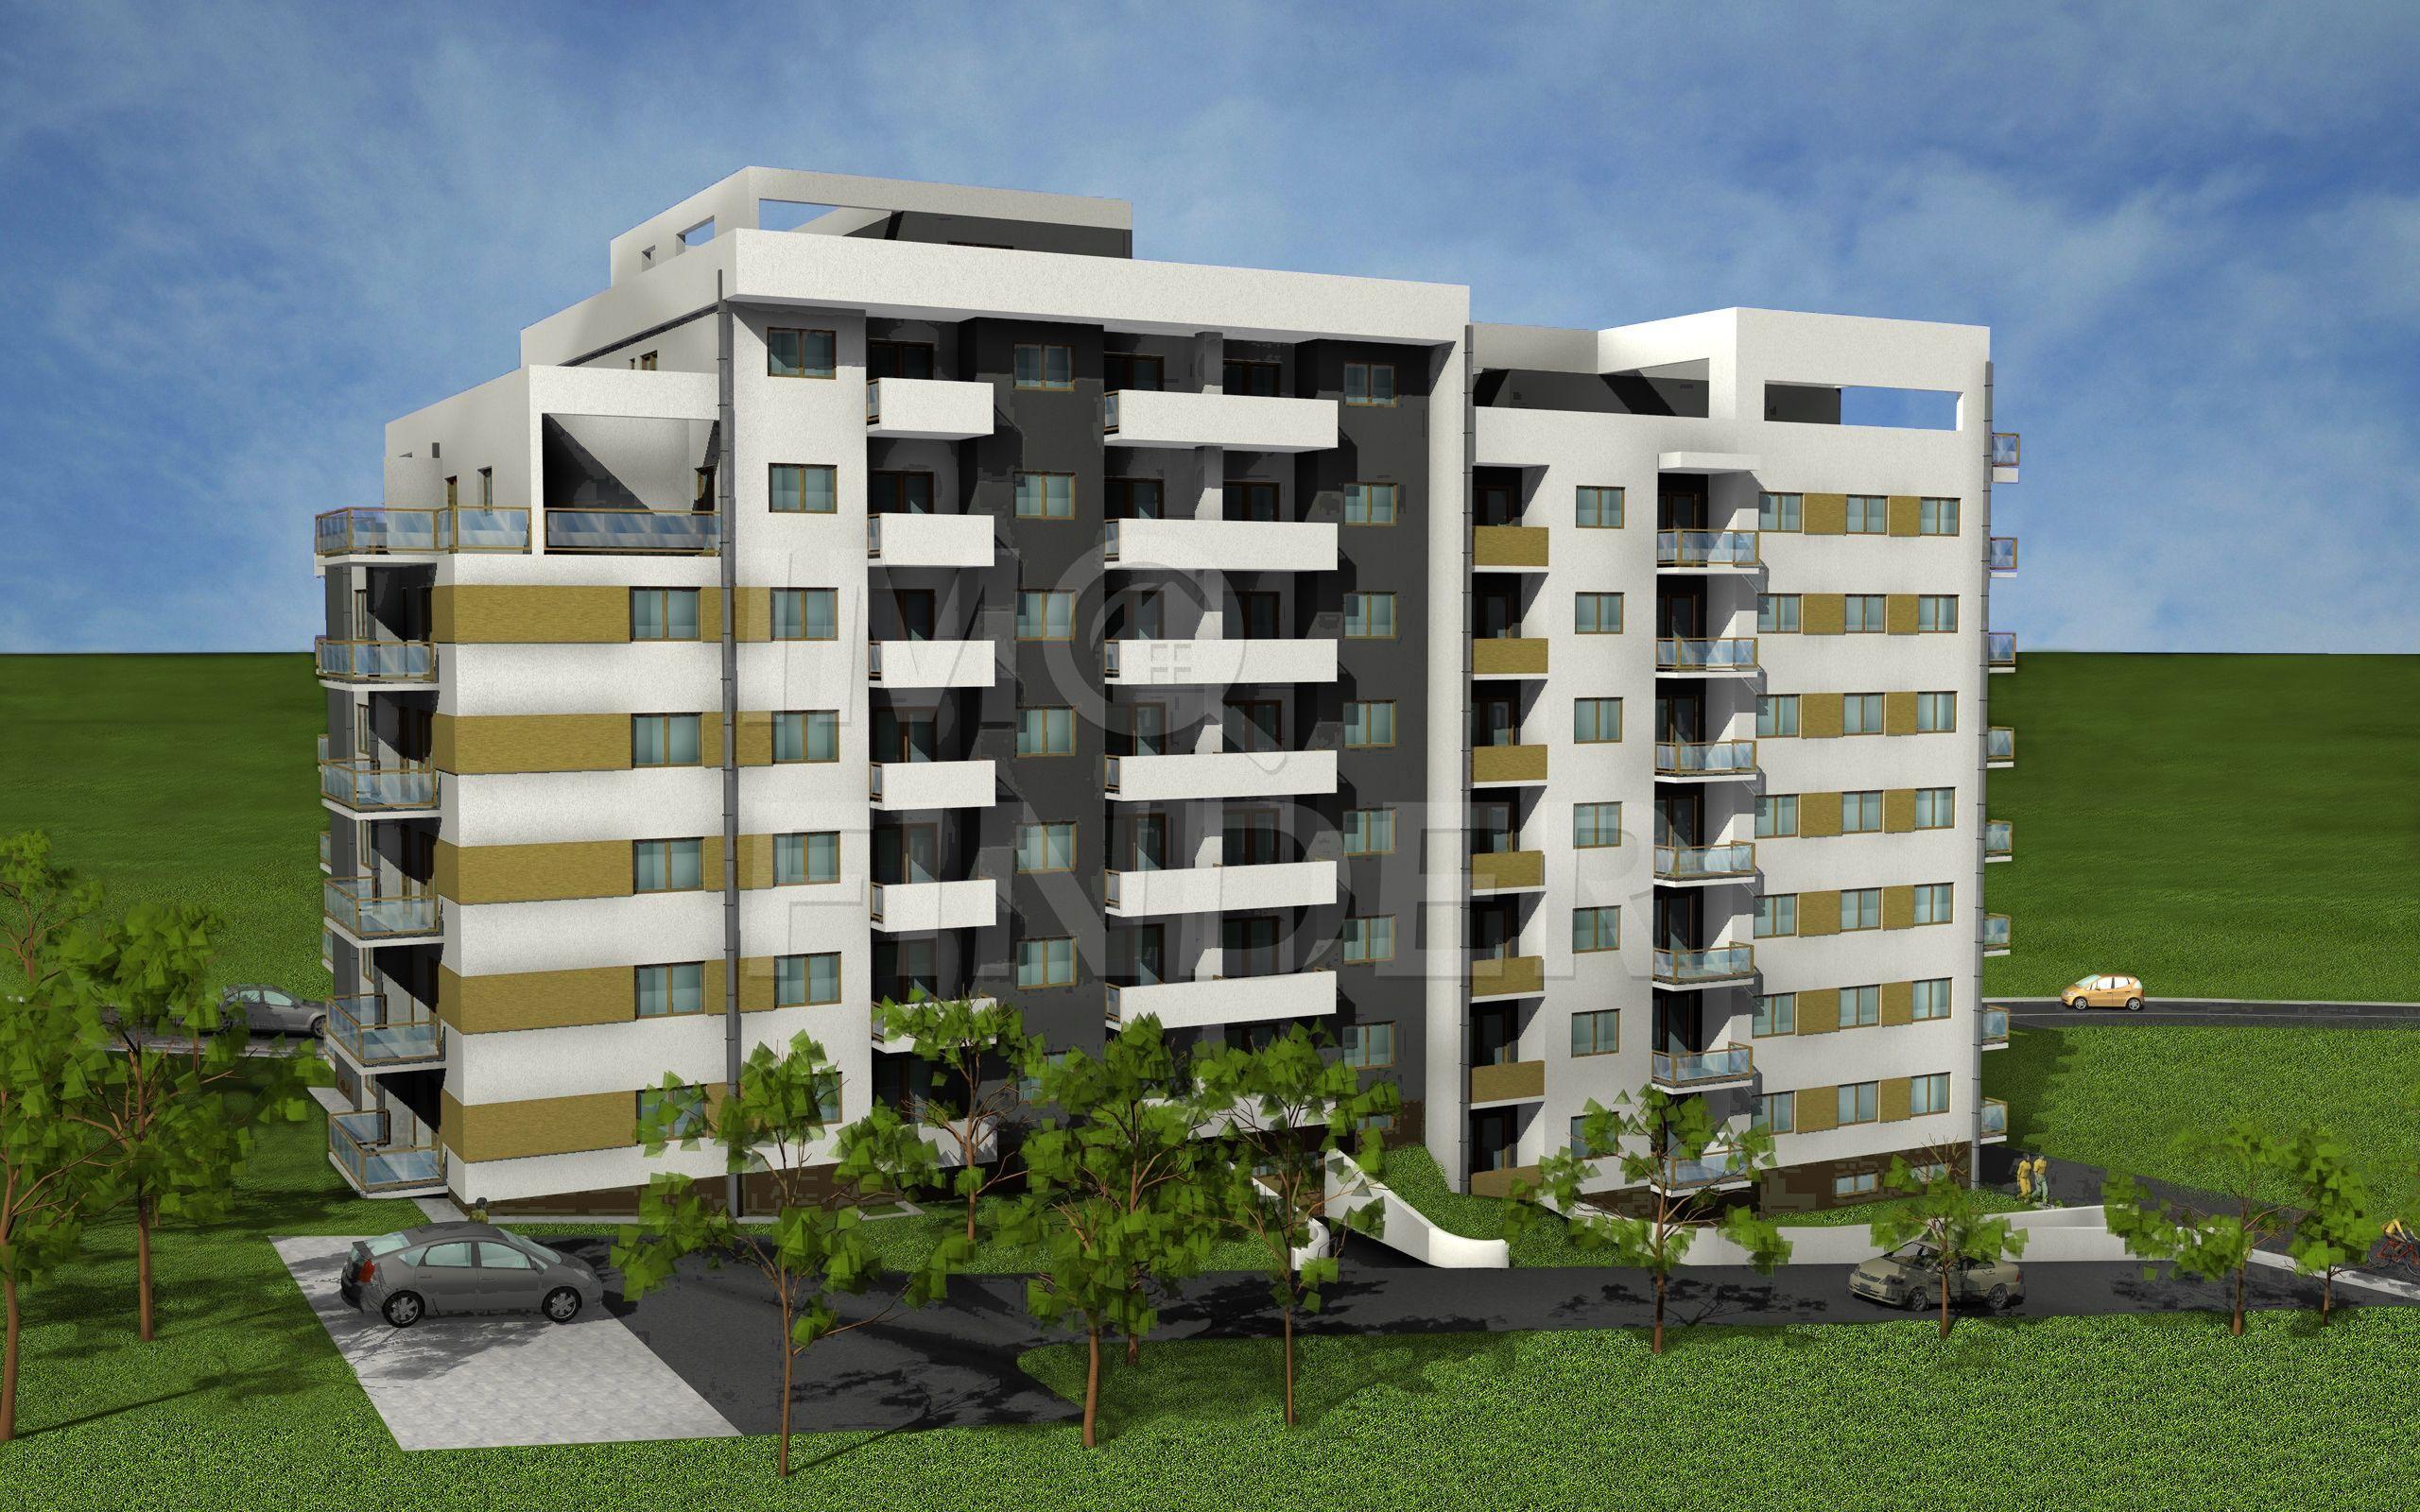 Vanzare apartament 3 camere, zona Calea Baciului